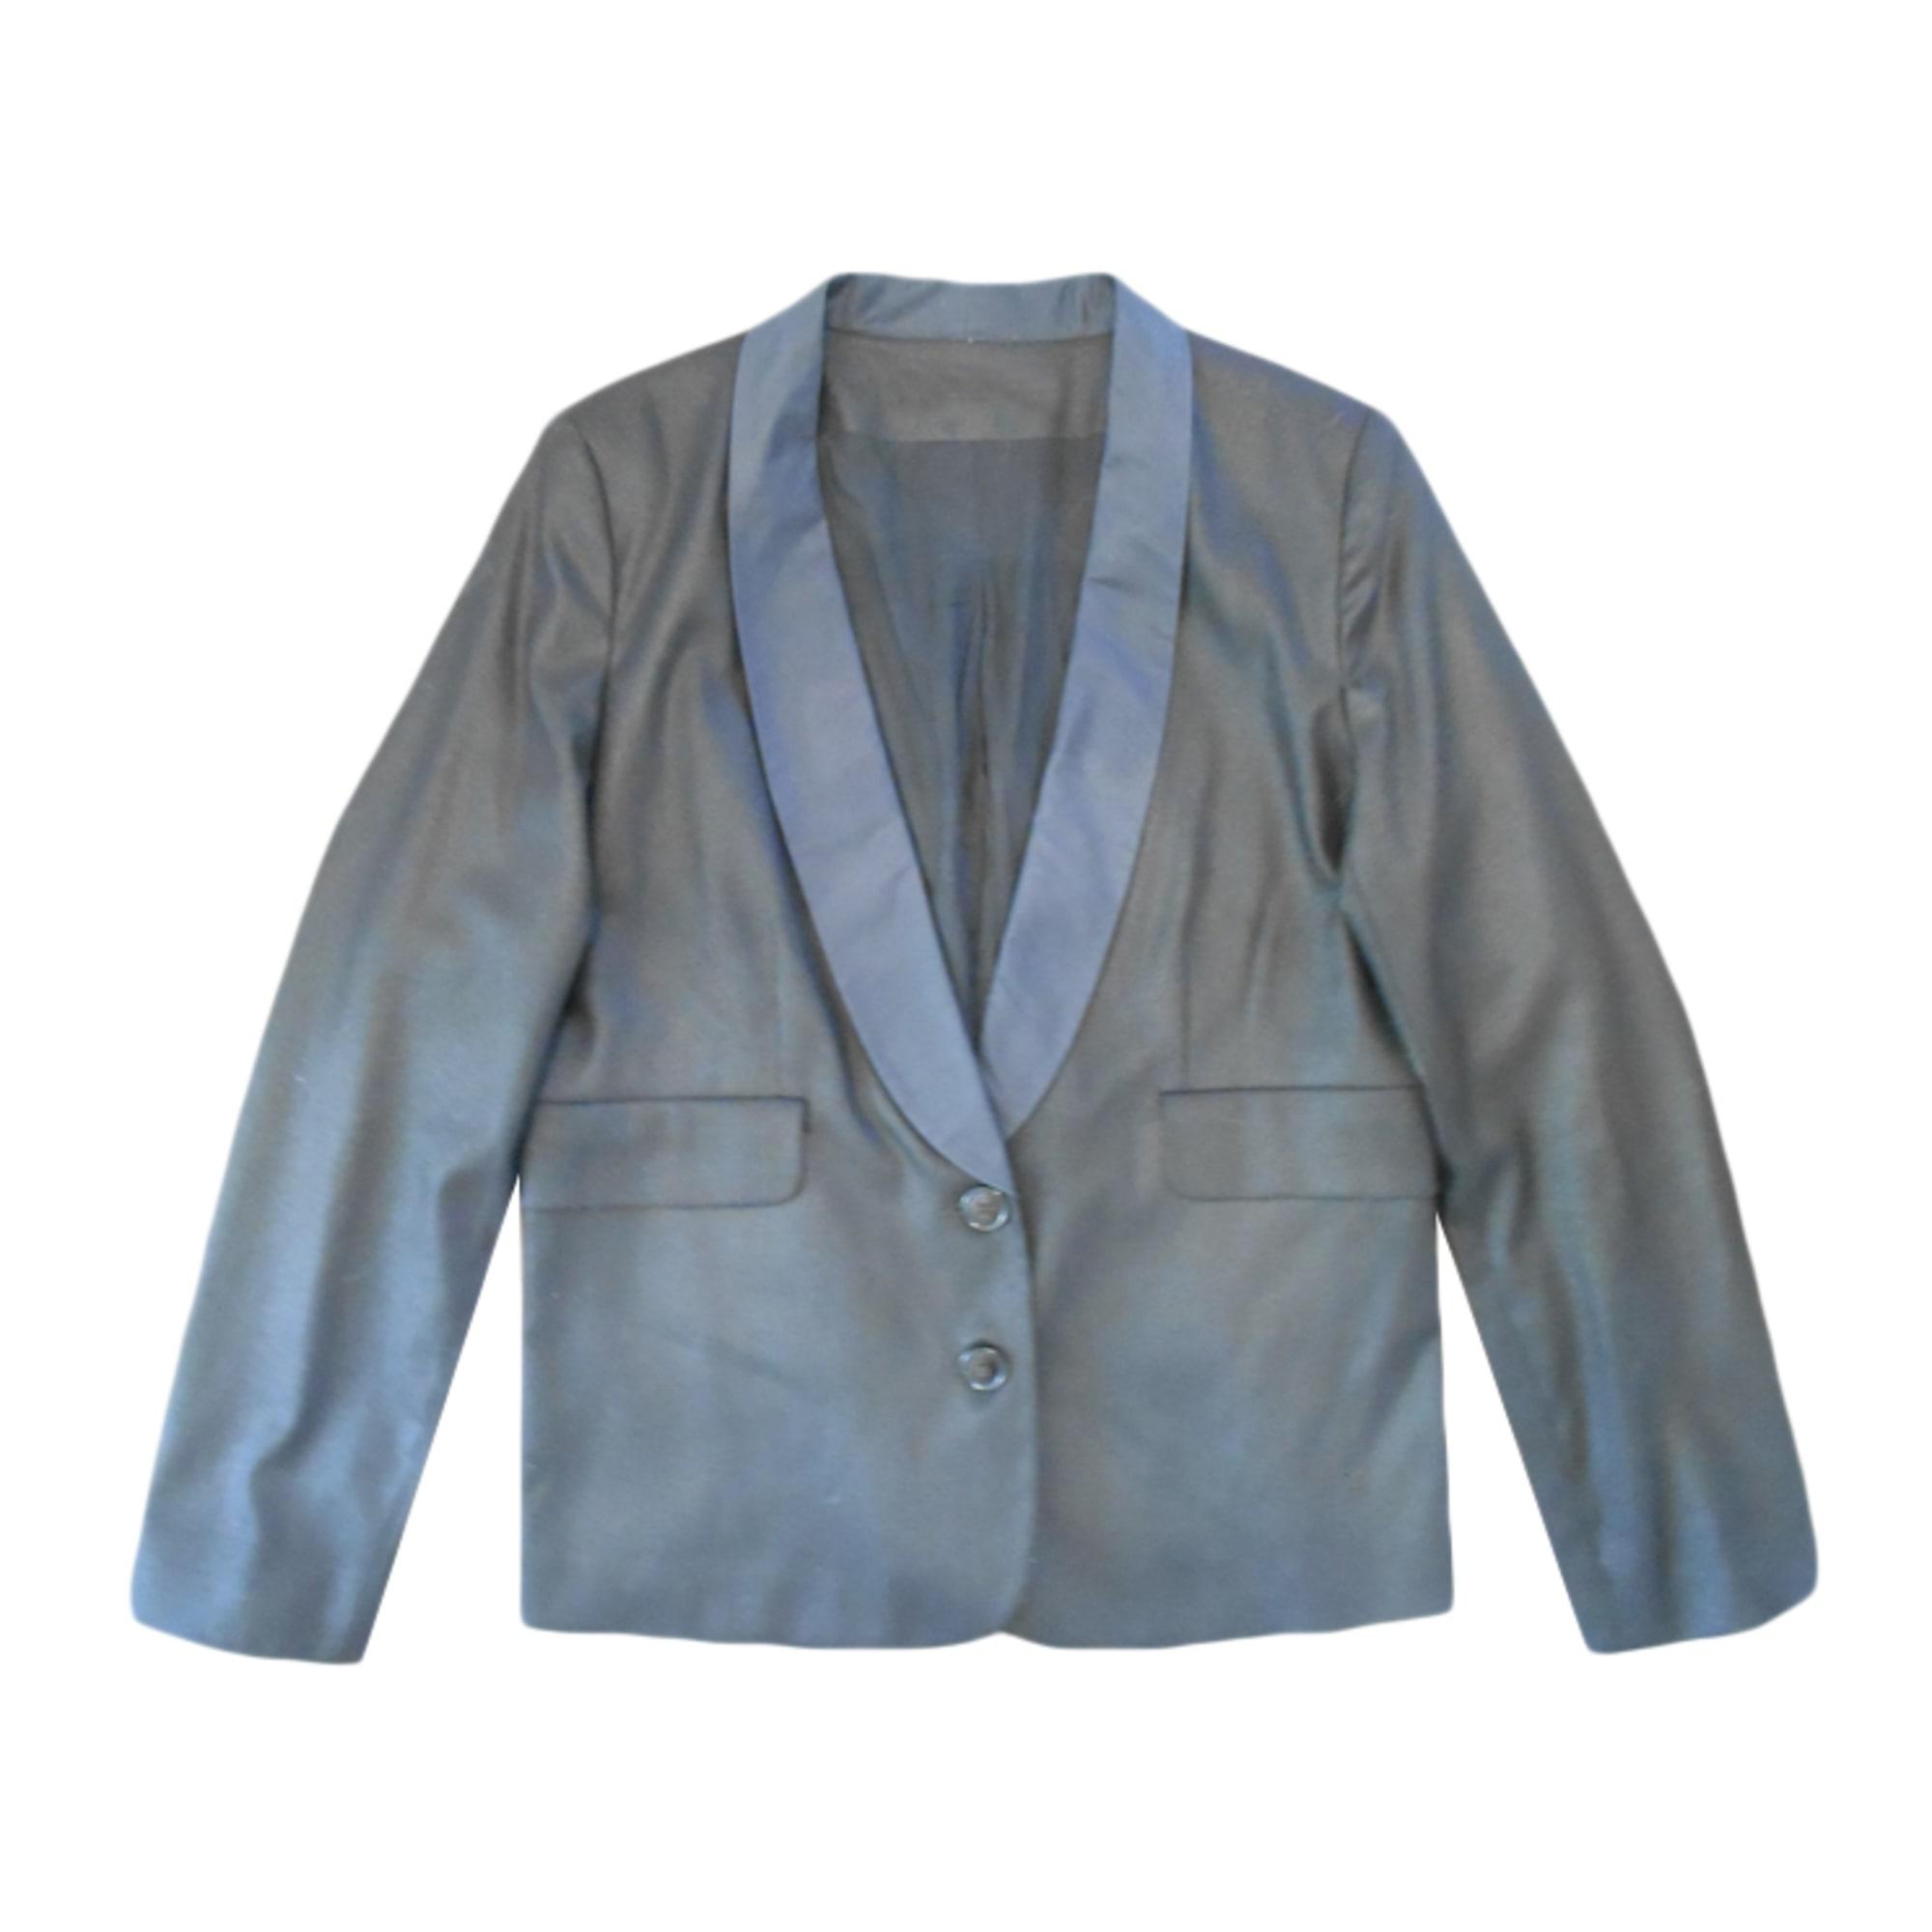 Blazer, veste tailleur KOOKAI Gris, anthracite